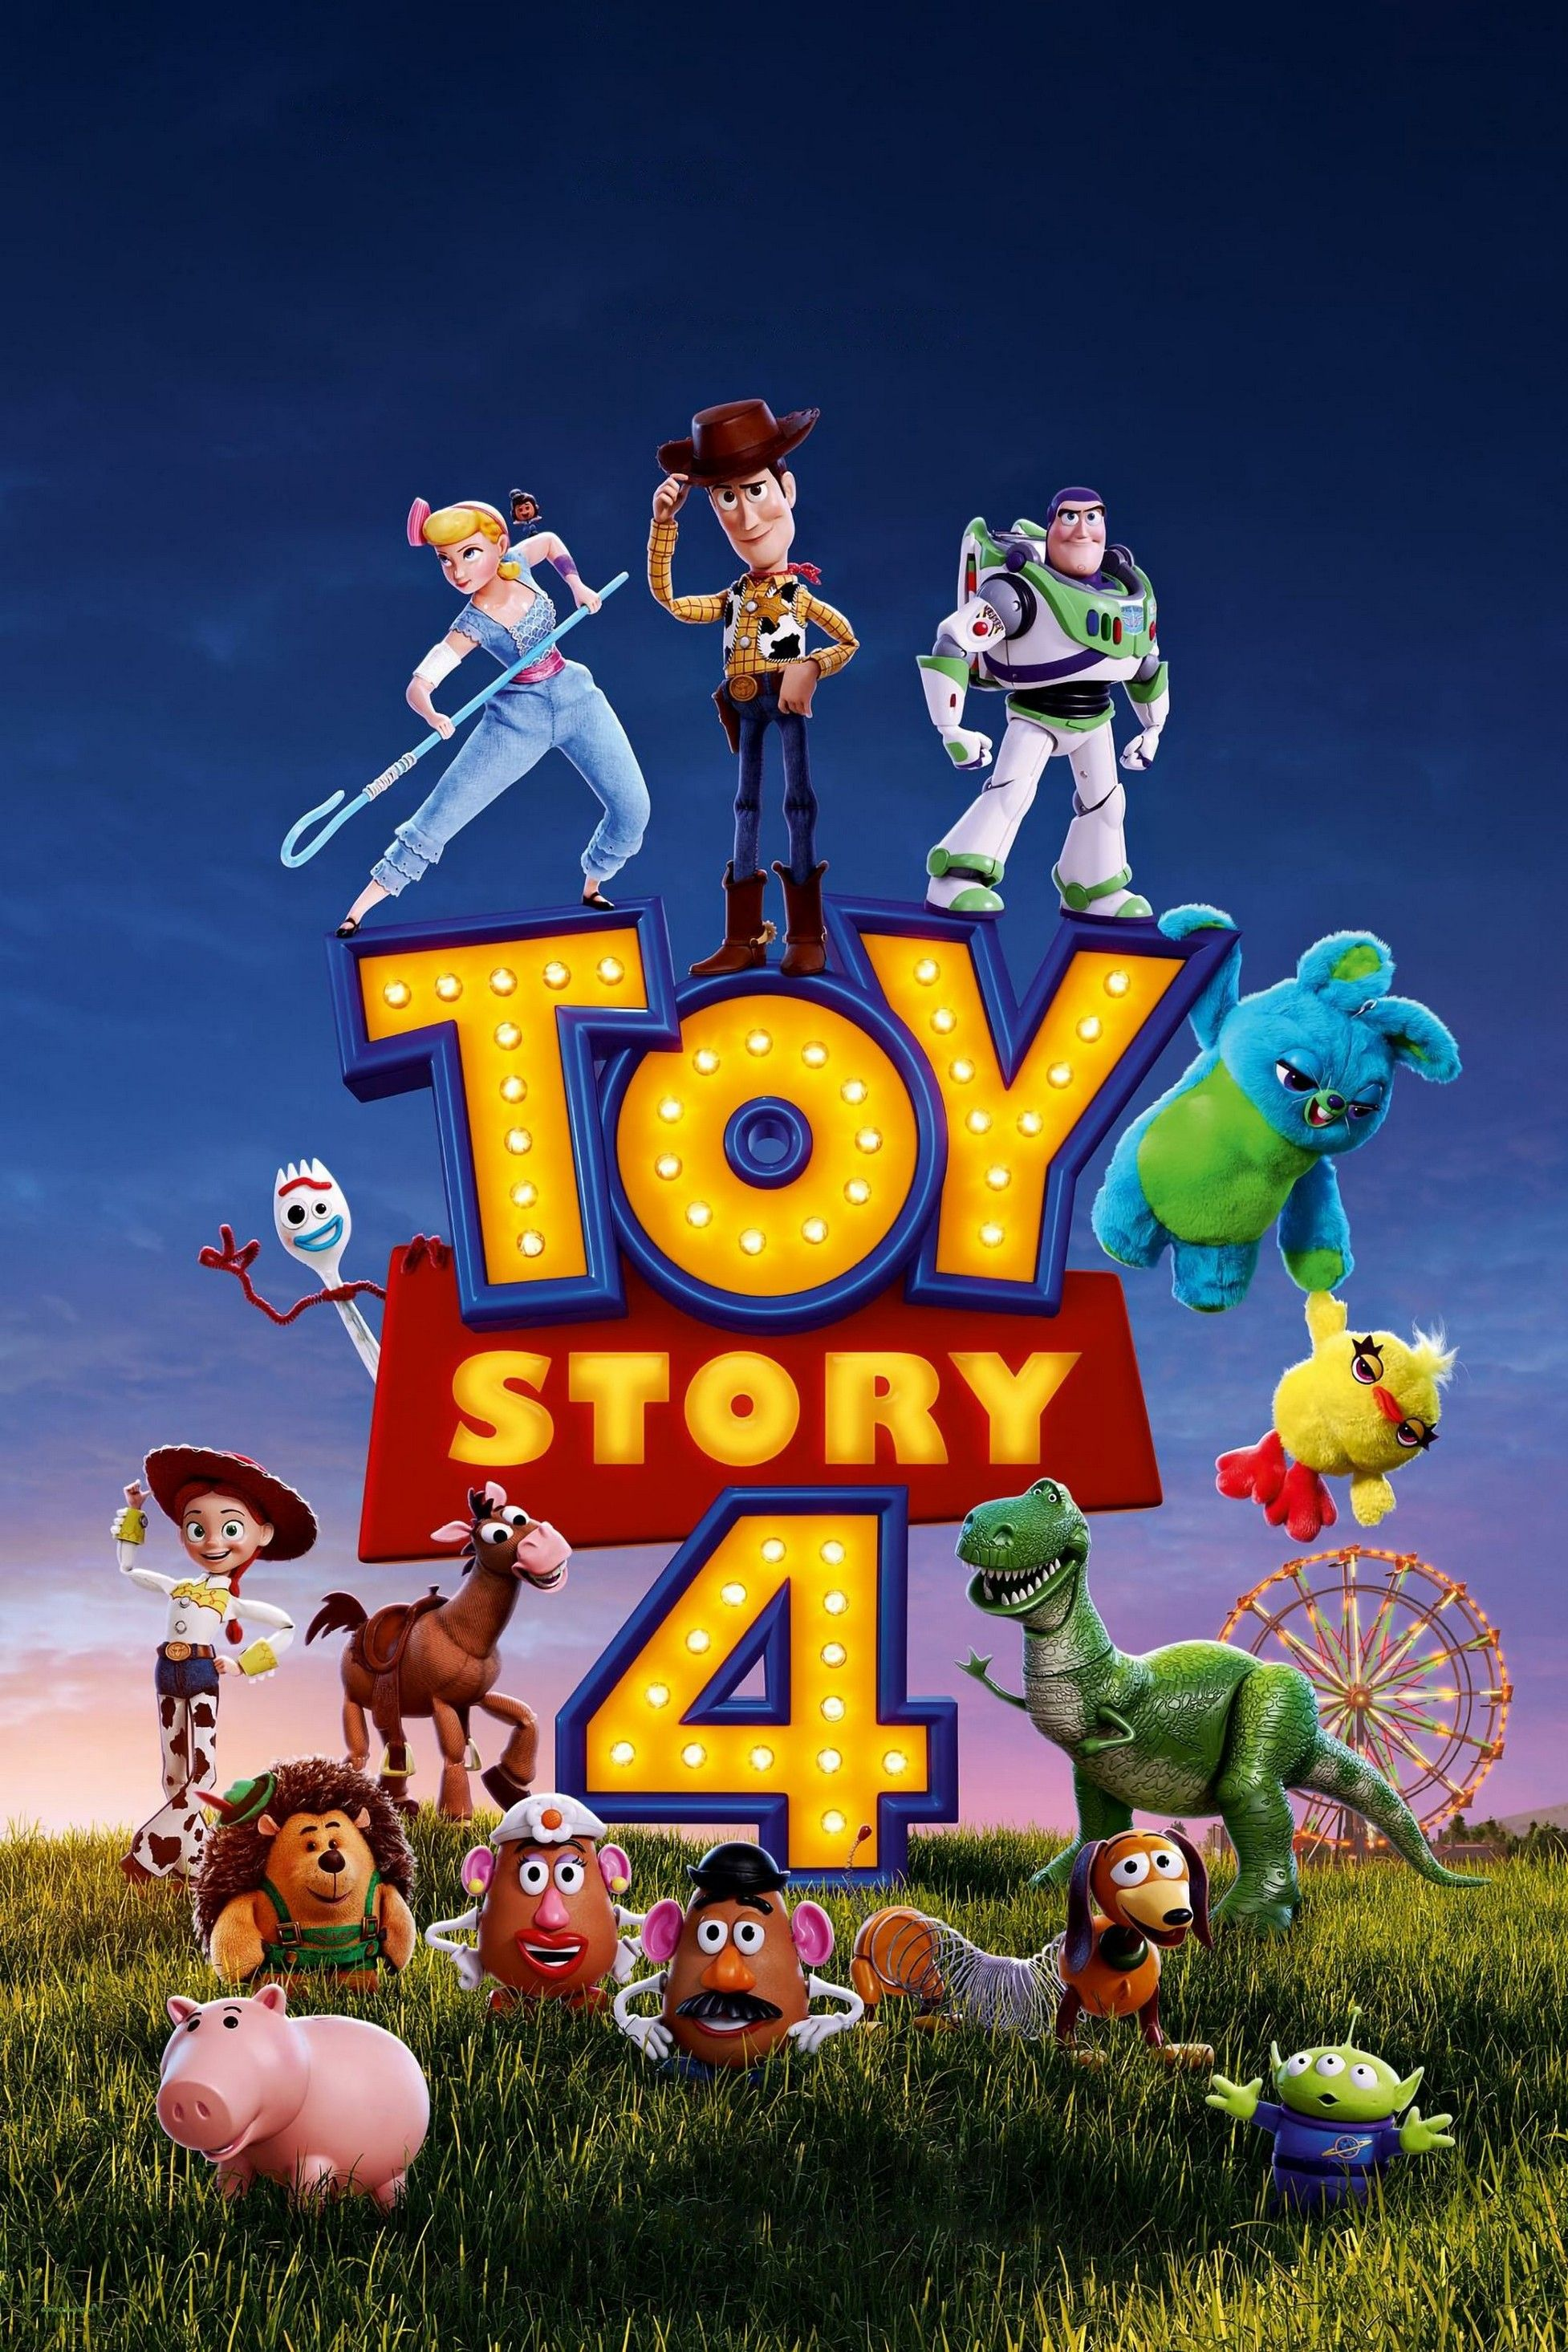 Videos De Toy Story 4 Pelicula Completa En Espanol Latino Carteles De Peliculas De Disney Peliculas De Disney Pelicula Toy Story